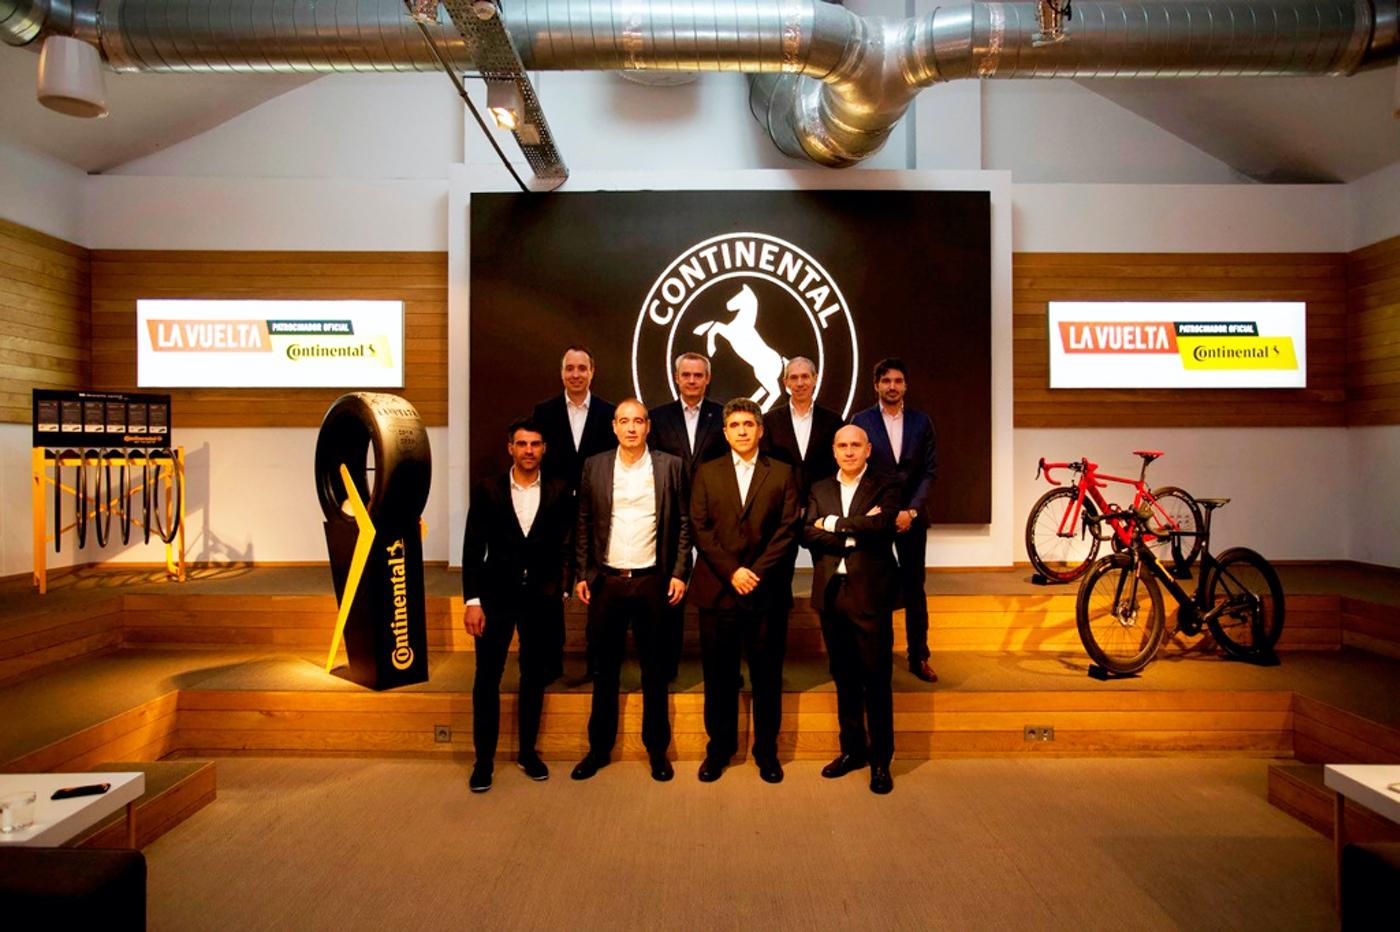 Continental patrocinador oficial de La Vuelta en su compromiso con la seguridad vial